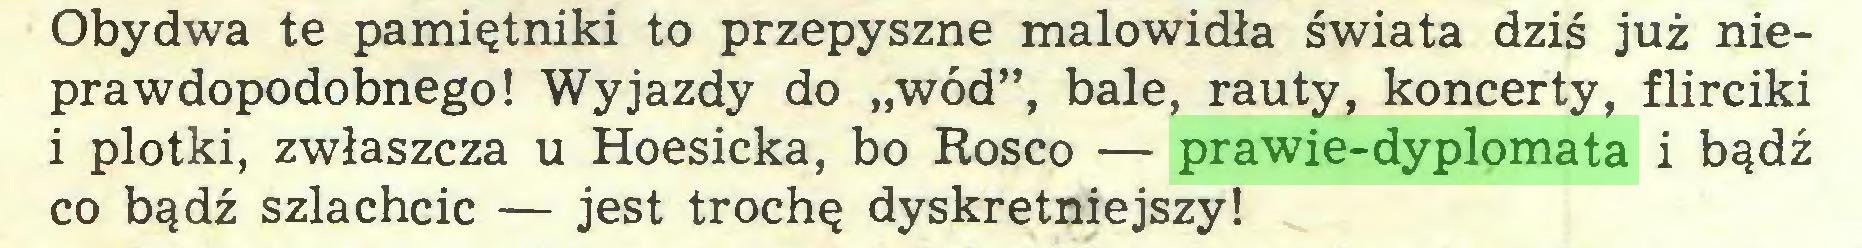 """(...) Obydwa te pamiętniki to przepyszne malowidła świata dziś już nieprawdopodobnego! Wyjazdy do """"wód"""", bale, rauty, koncerty, flirciki i plotki, zwłaszcza u Hoesicka, bo Rosco — prawie-dyplomata i bądź co bądź szlachcic — jest trochę dyskretniejszy!..."""